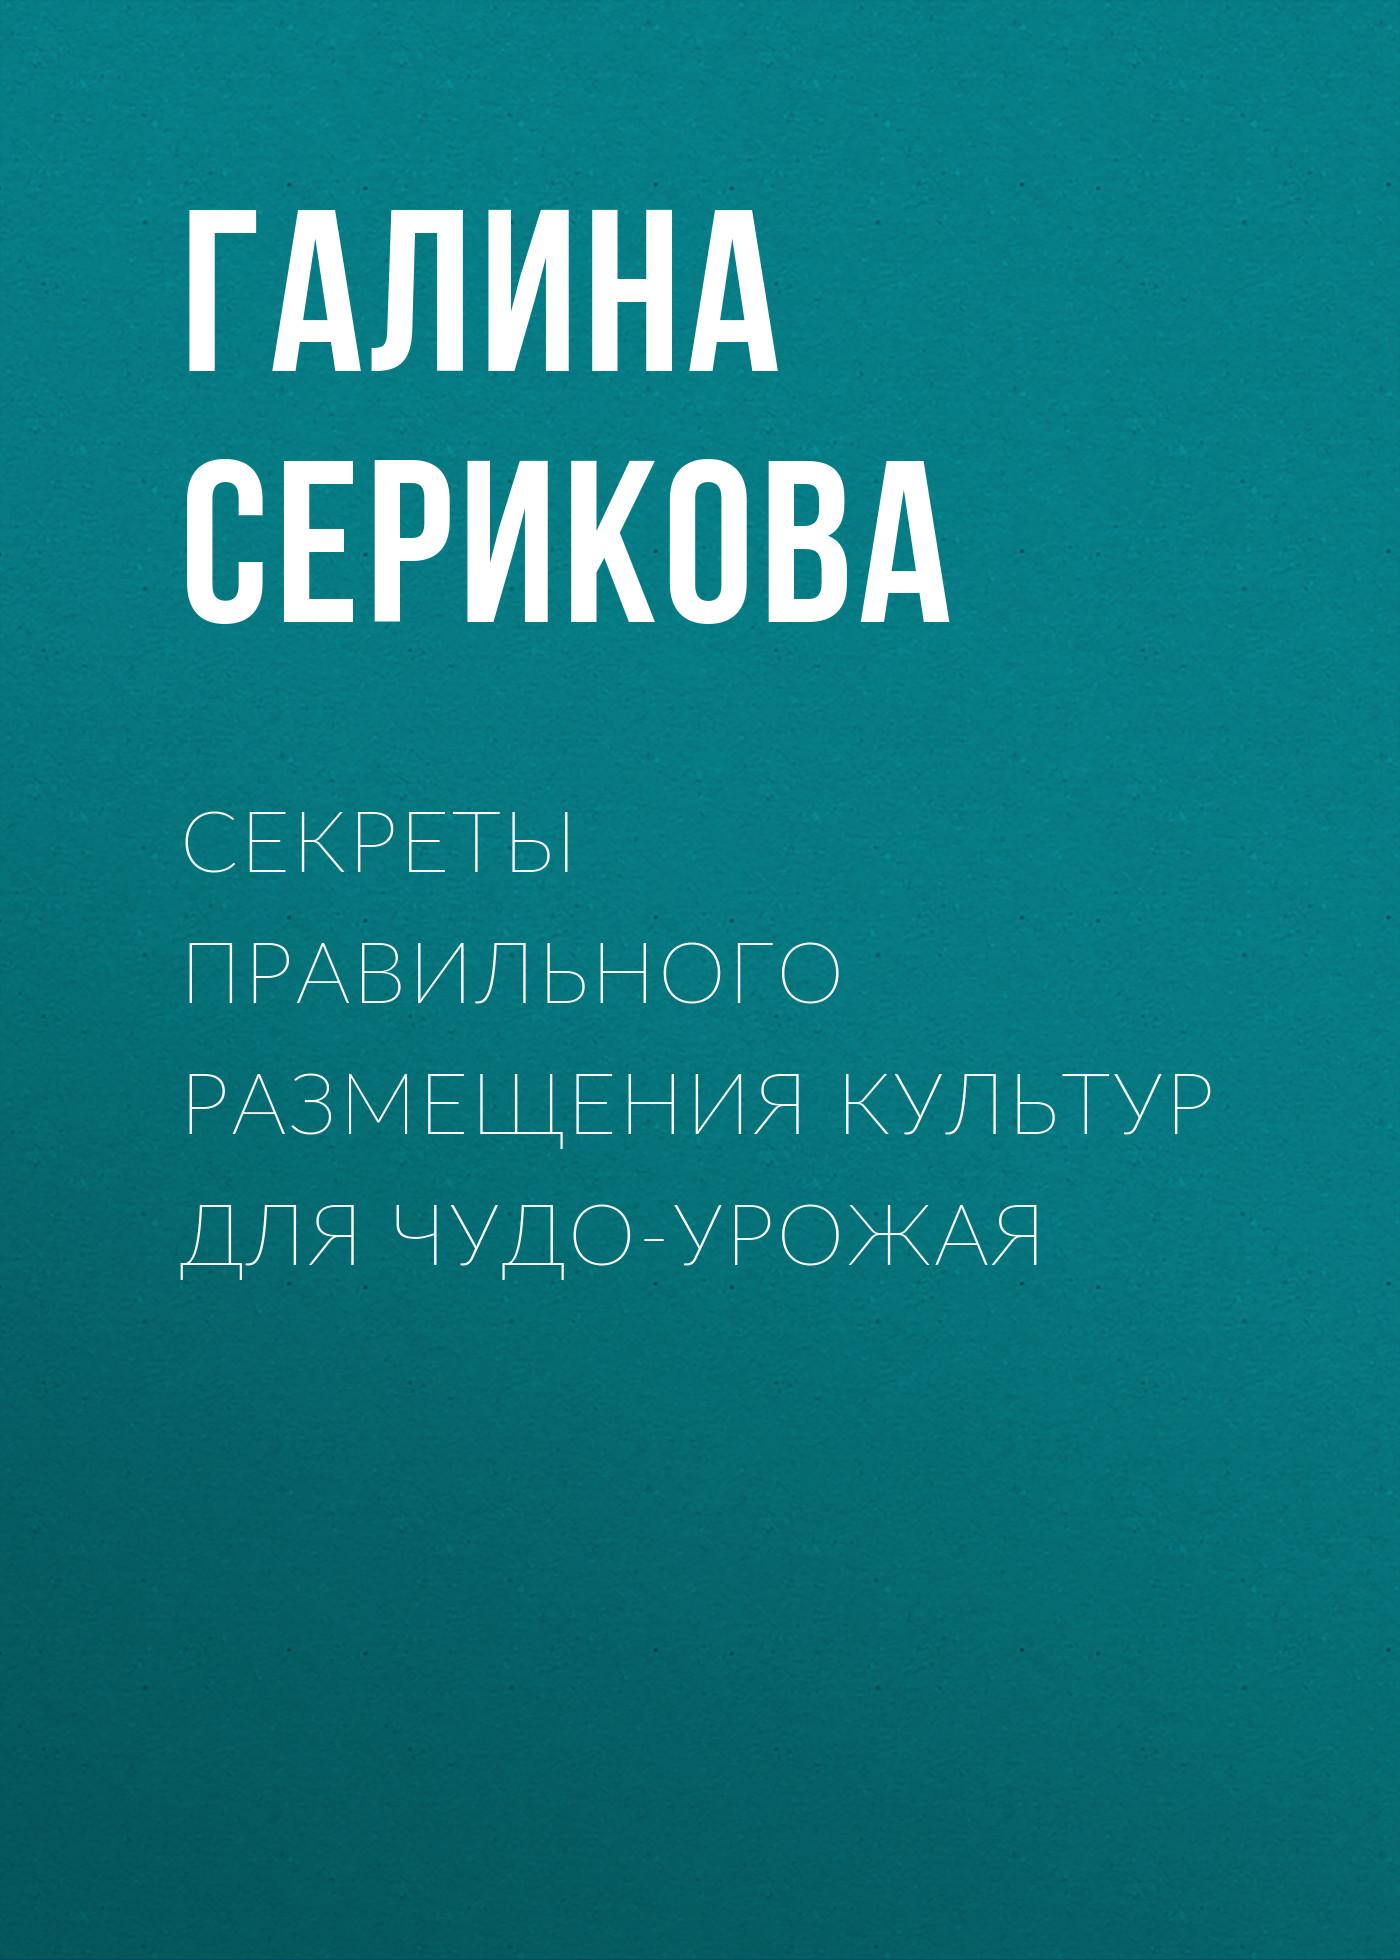 Галина Серикова Чудо-урожай на 6 сотках новые районированные сорта плодово ягодных культур и винограда